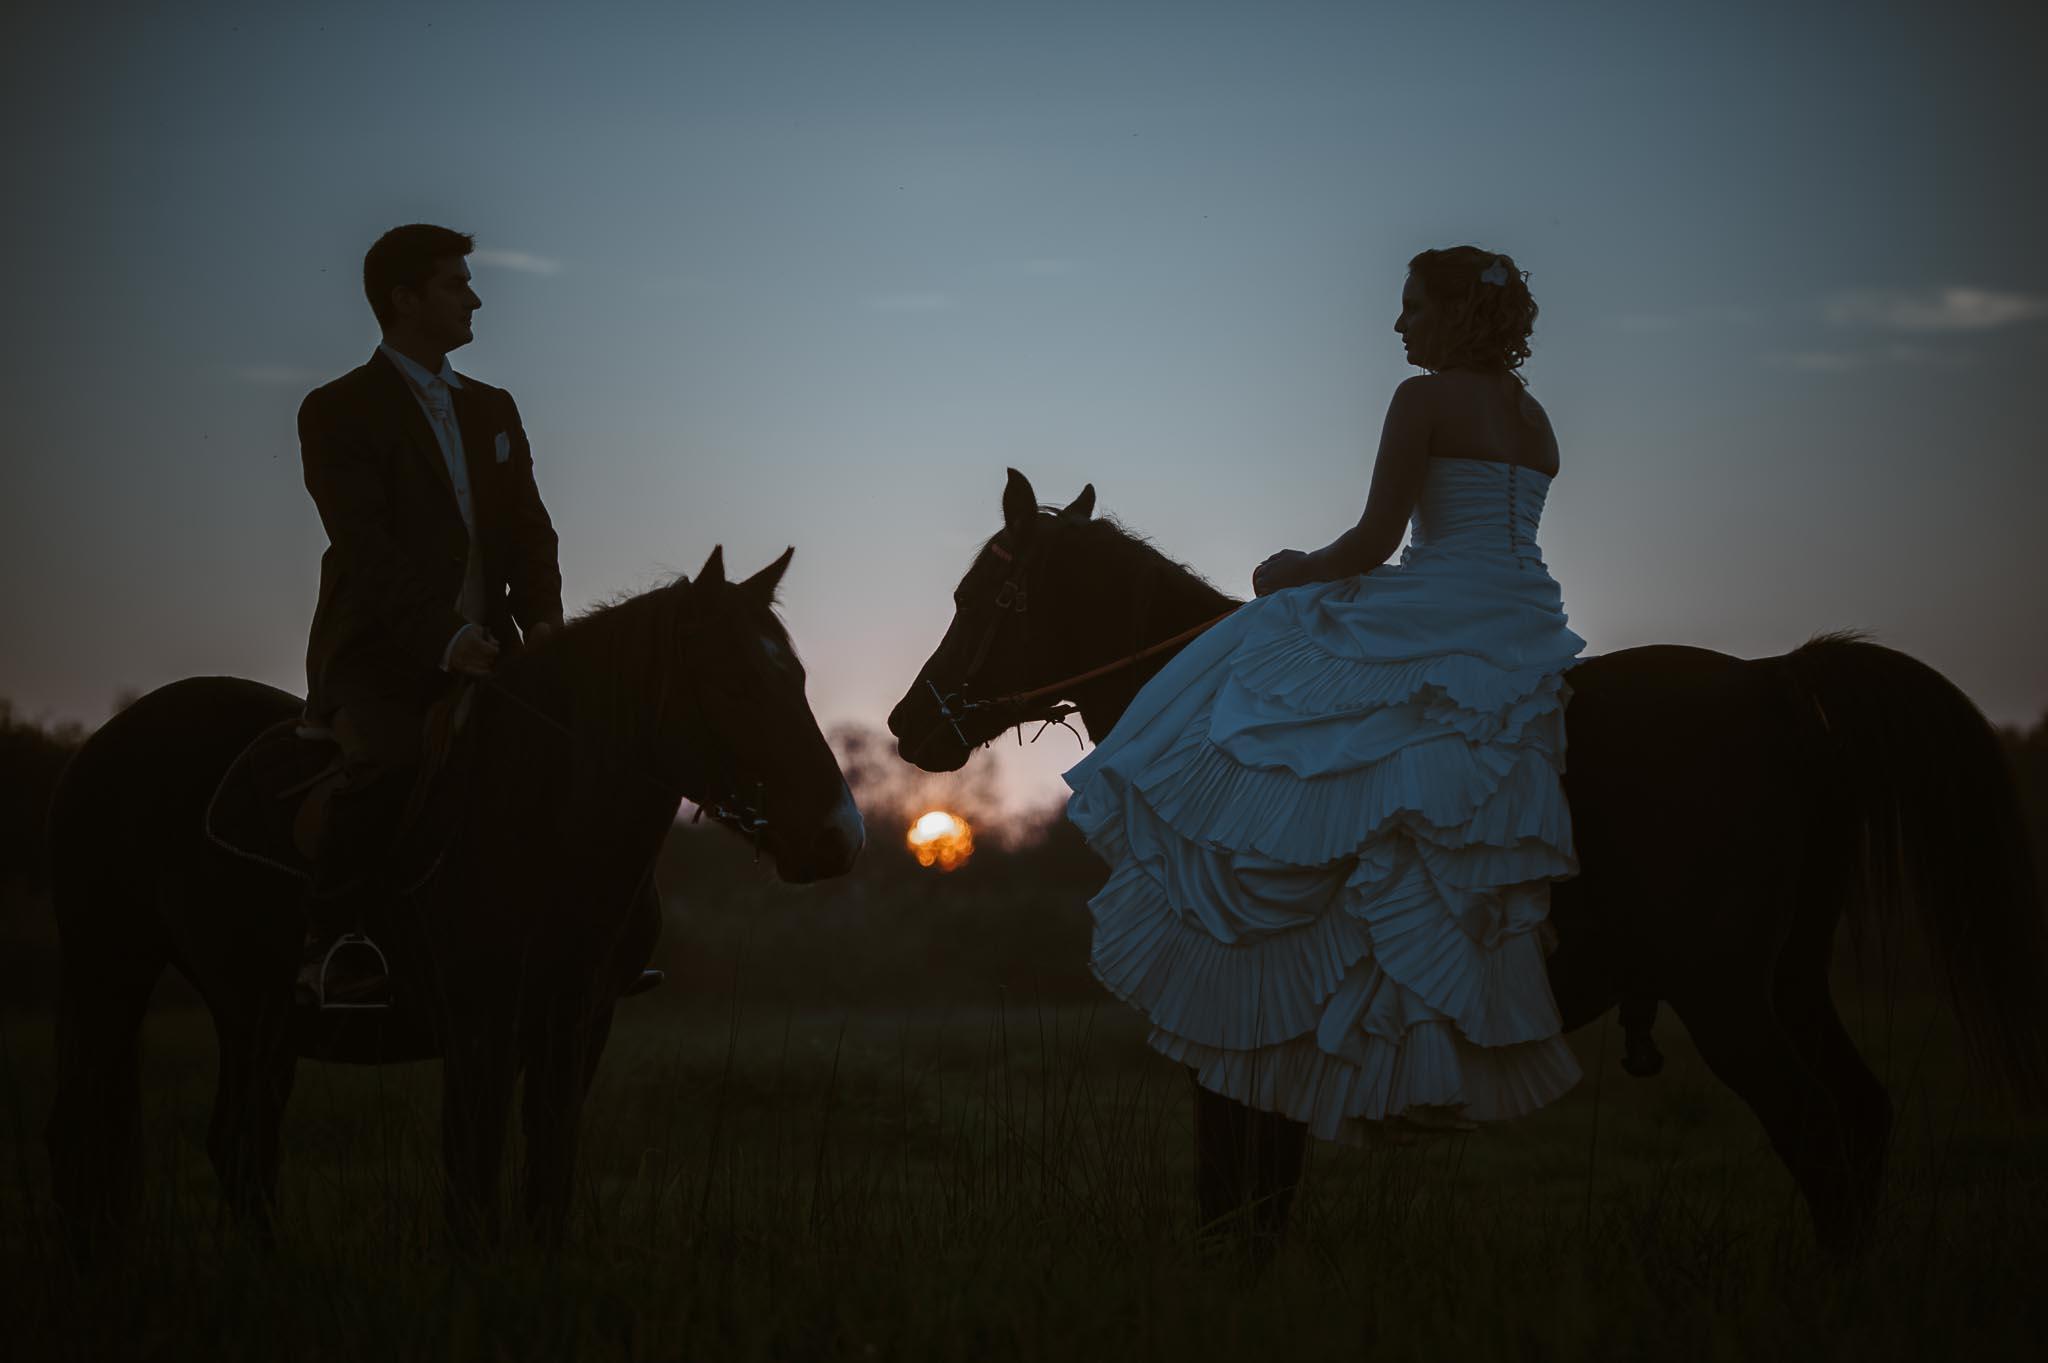 Séance couple après mariage fantastique & poétique inspirée de l'univers Disney près de Nantes par Geoffrey Arnoldy photographe